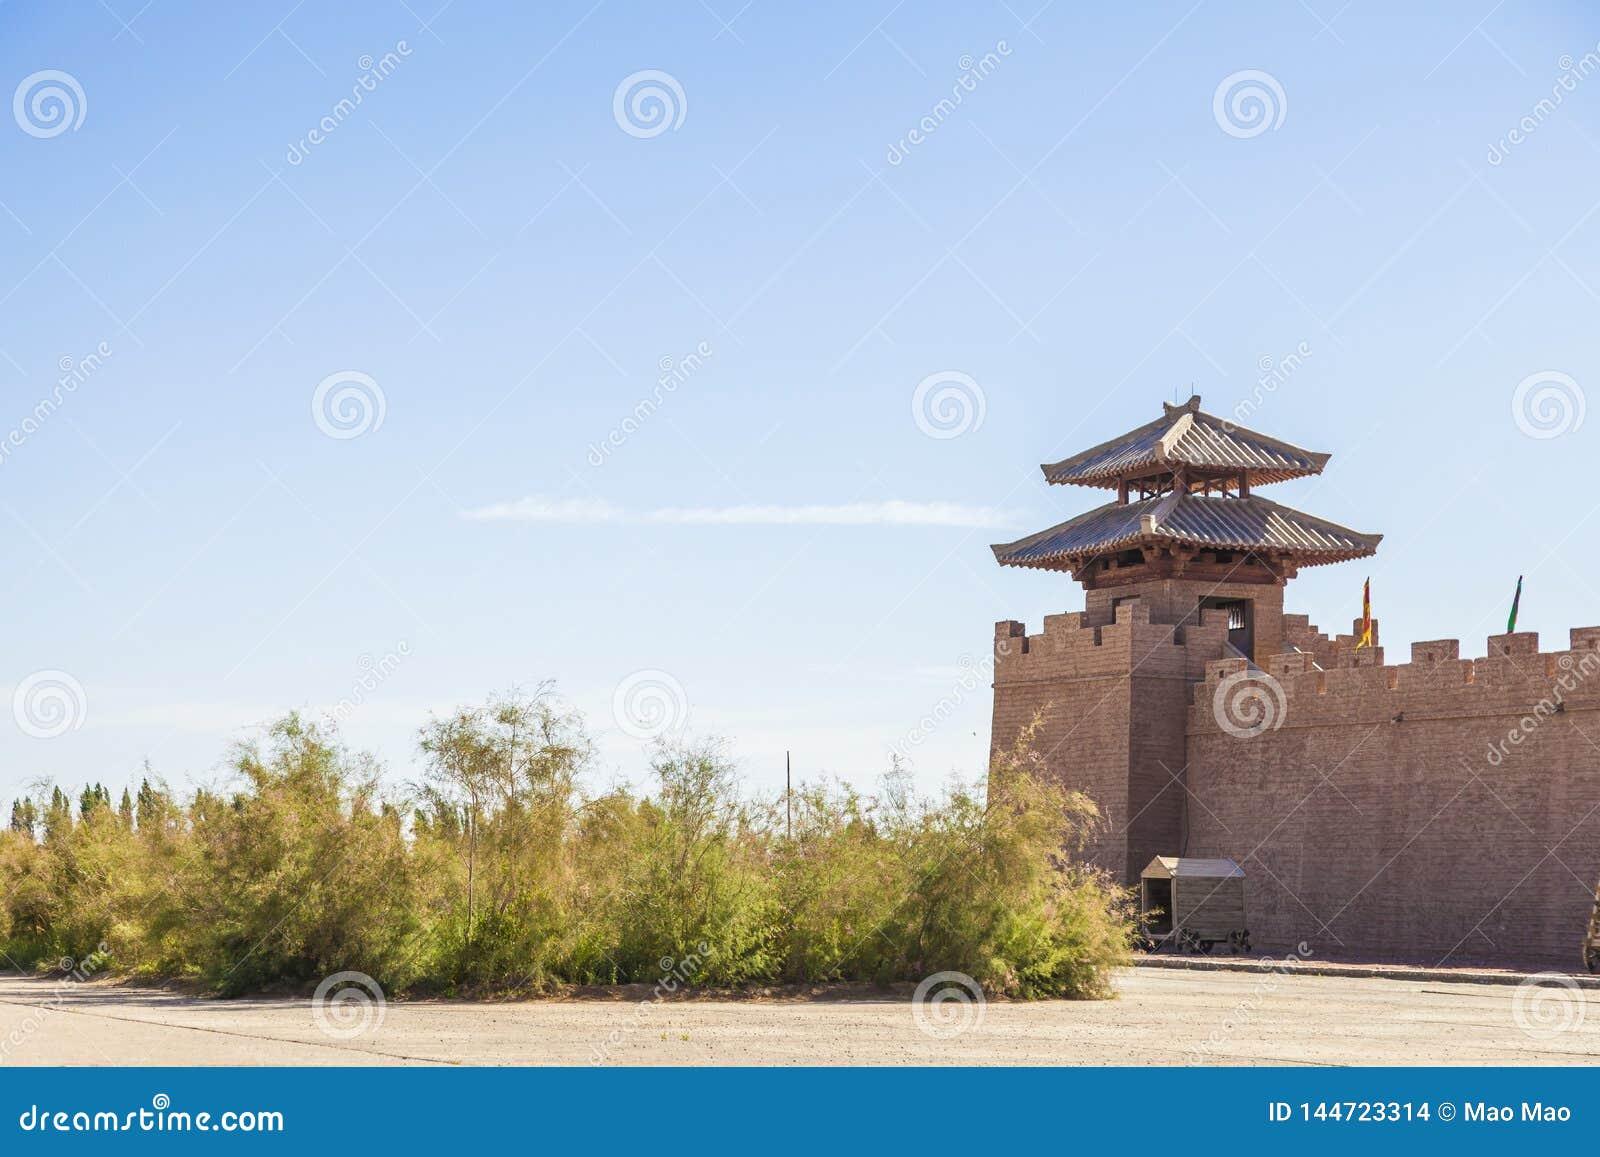 Άποψη του τοίχου και του παρατηρητηρίου φρουρίων επί του ιστορικού τόπου του περάσματος Yang, σε Yangguan, Gansu, Κίνα